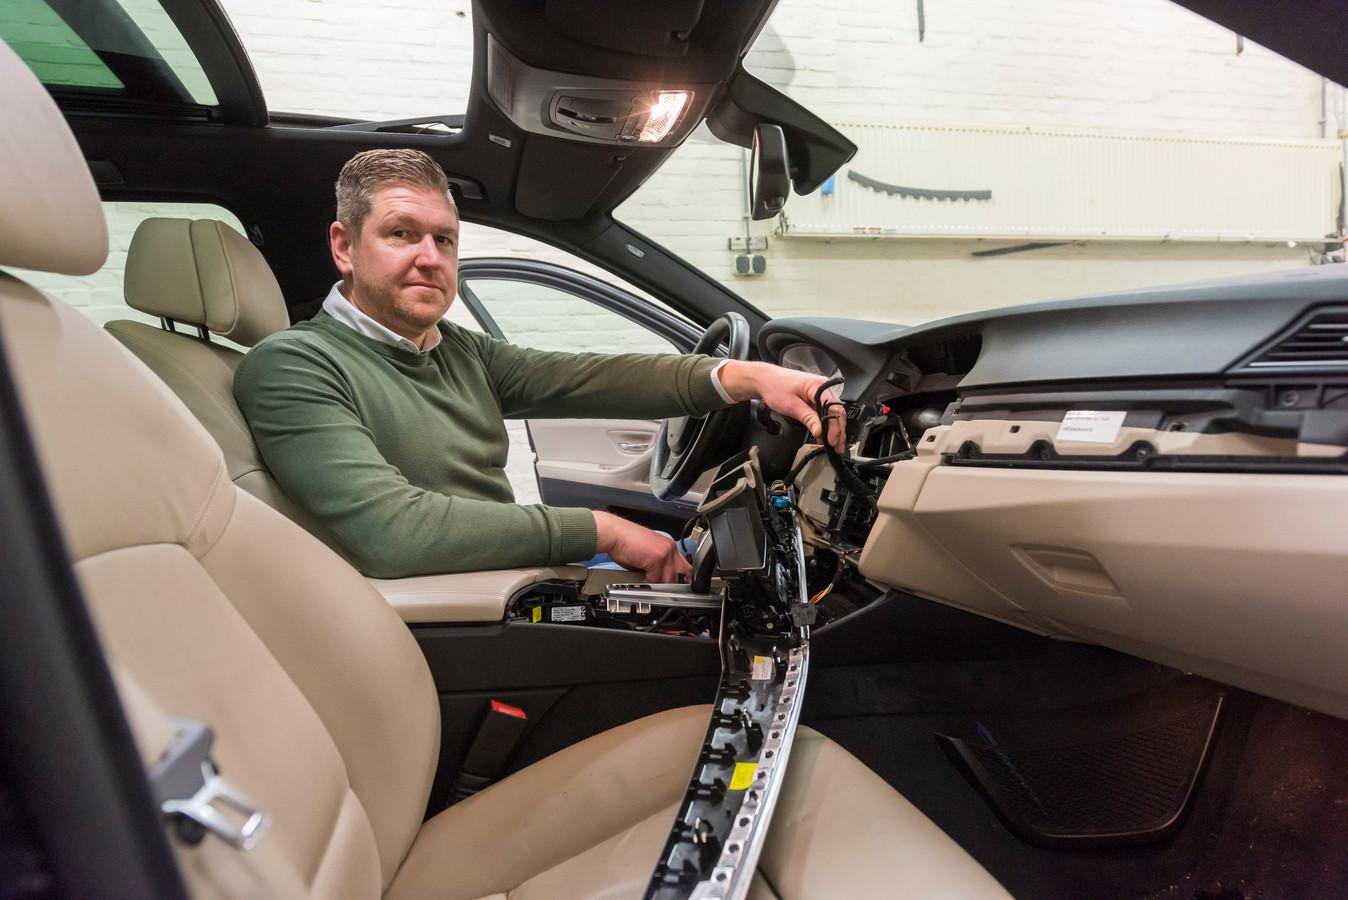 Jeroen Peeters, eigenaar van InCar Solutions in Eindhoven, merkt ook dat er een stijging is in diefstallen uit auto's, waarbij vaak de binnenkant rondom het stuur (navigatie e.d.) wordt leeggehaald.